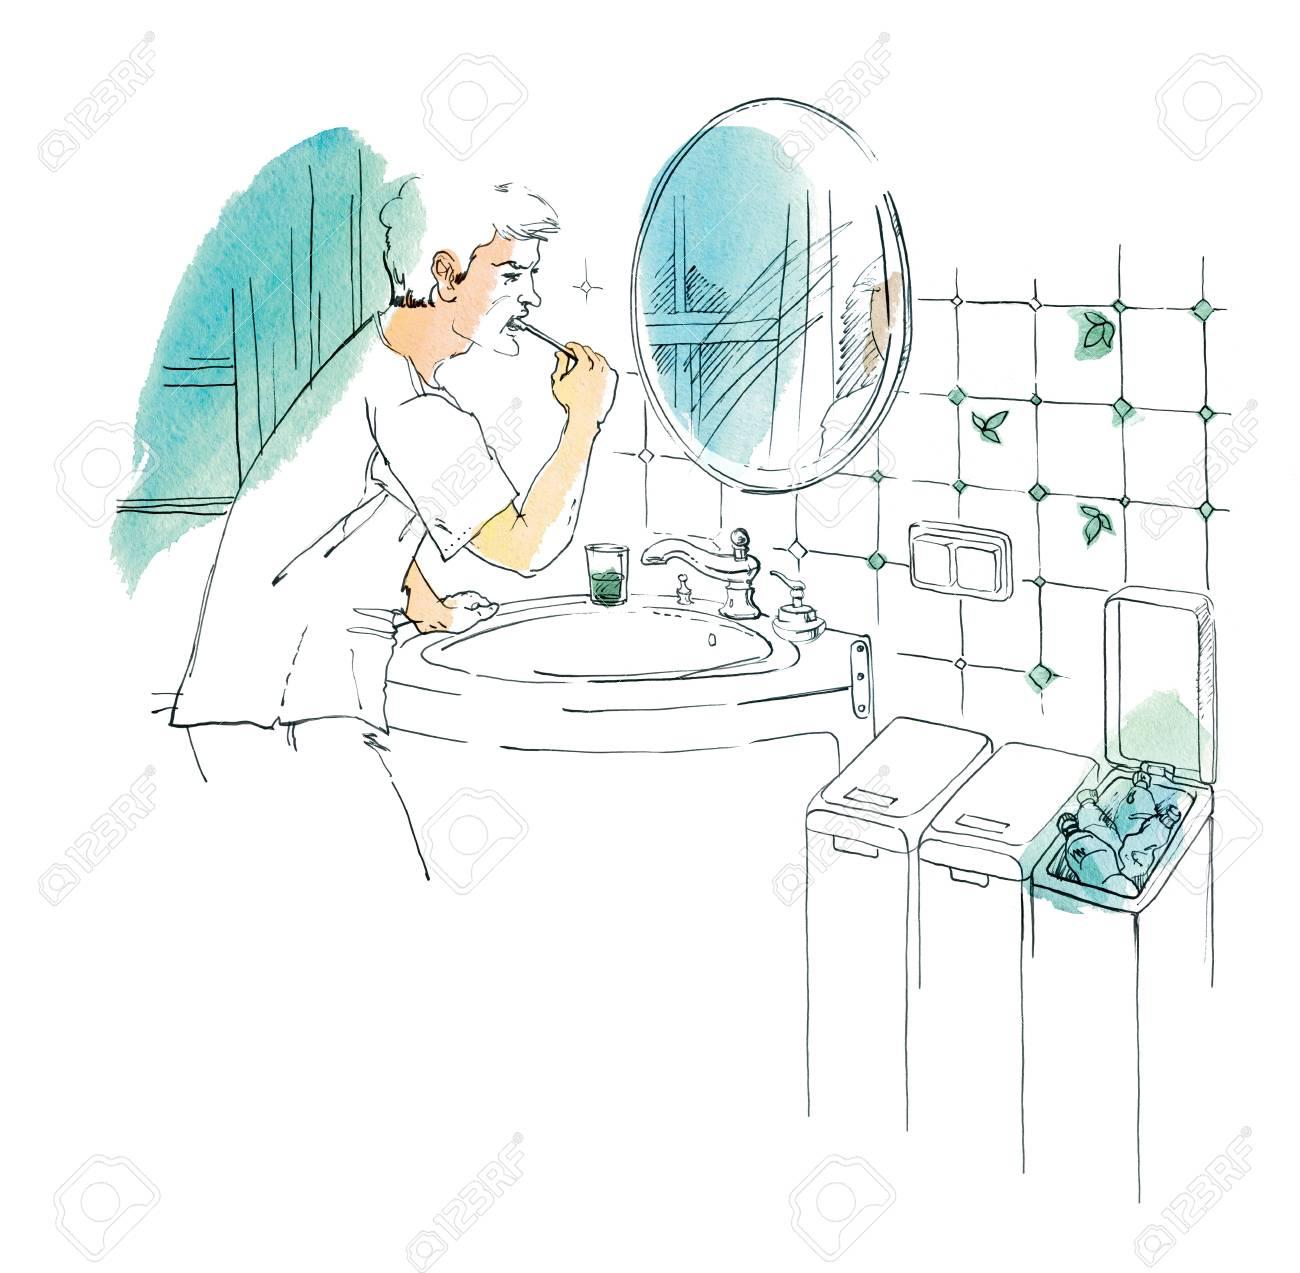 Ein Mann Putzt Seine Zahne Im Spiegel Im Badezimmer Container Fur